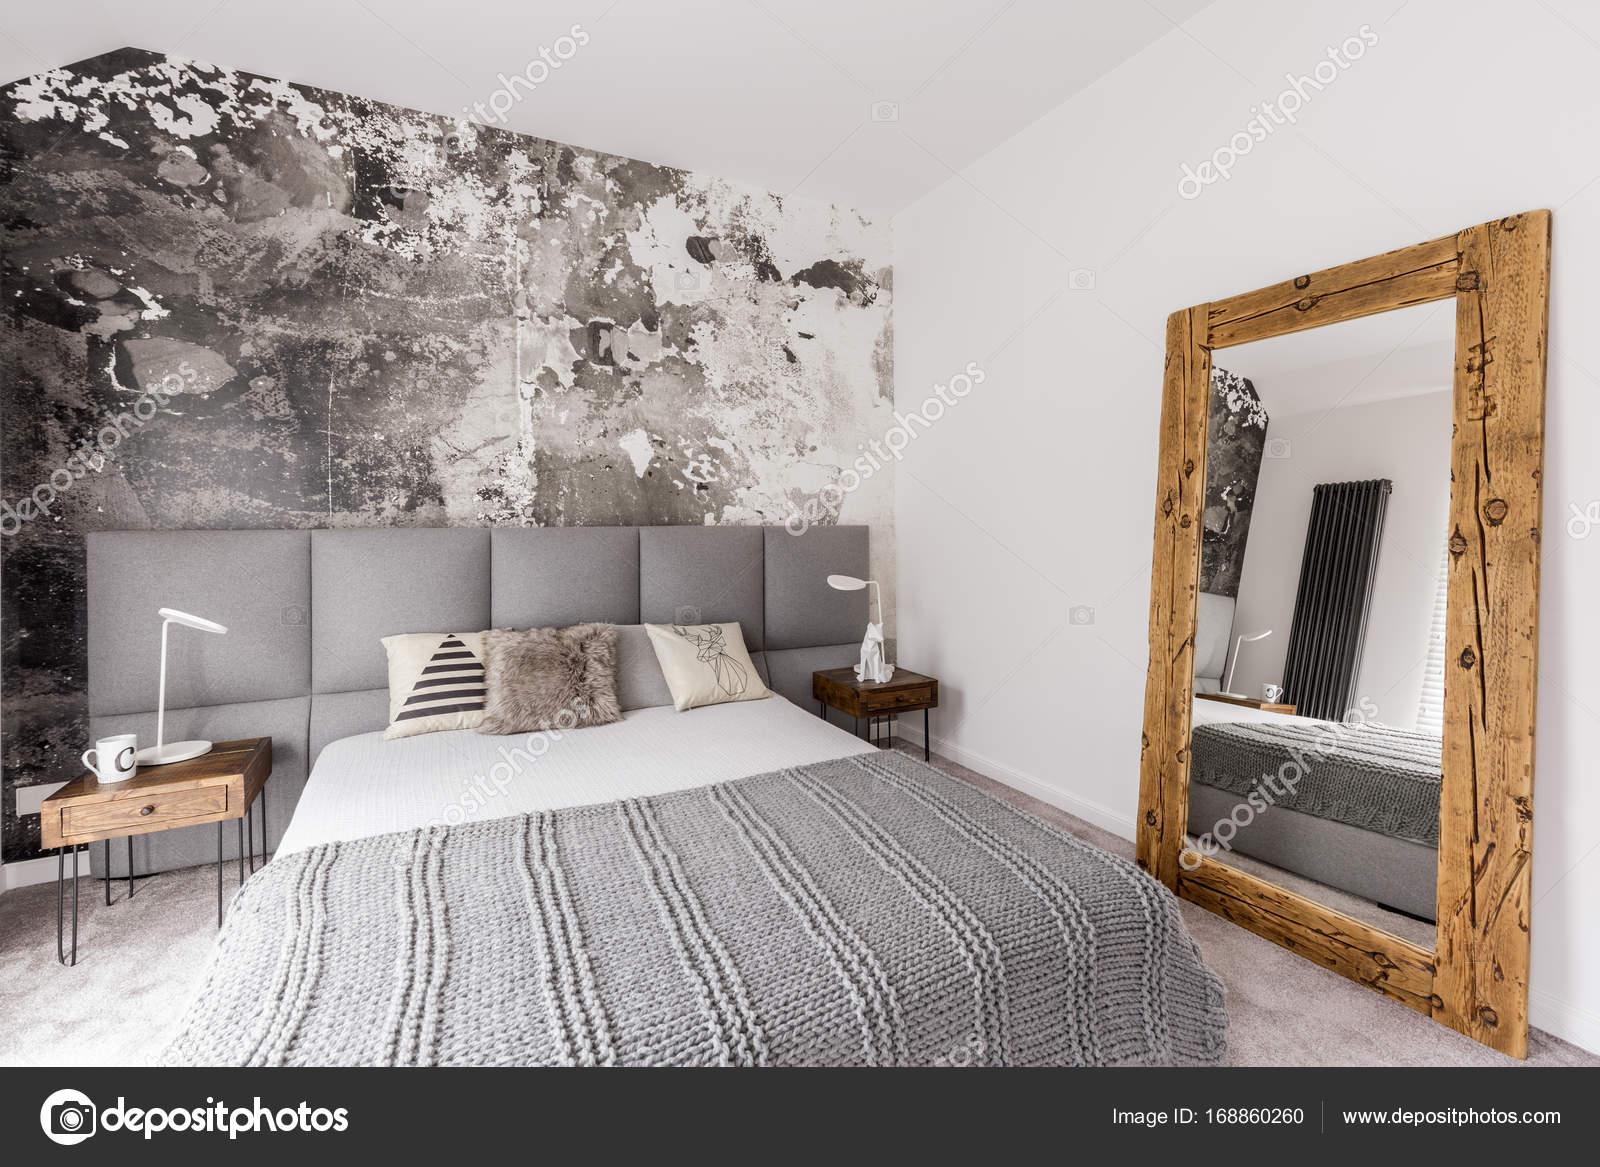 Cama gris, King-size en el dormitorio — Foto de stock © photographee ...